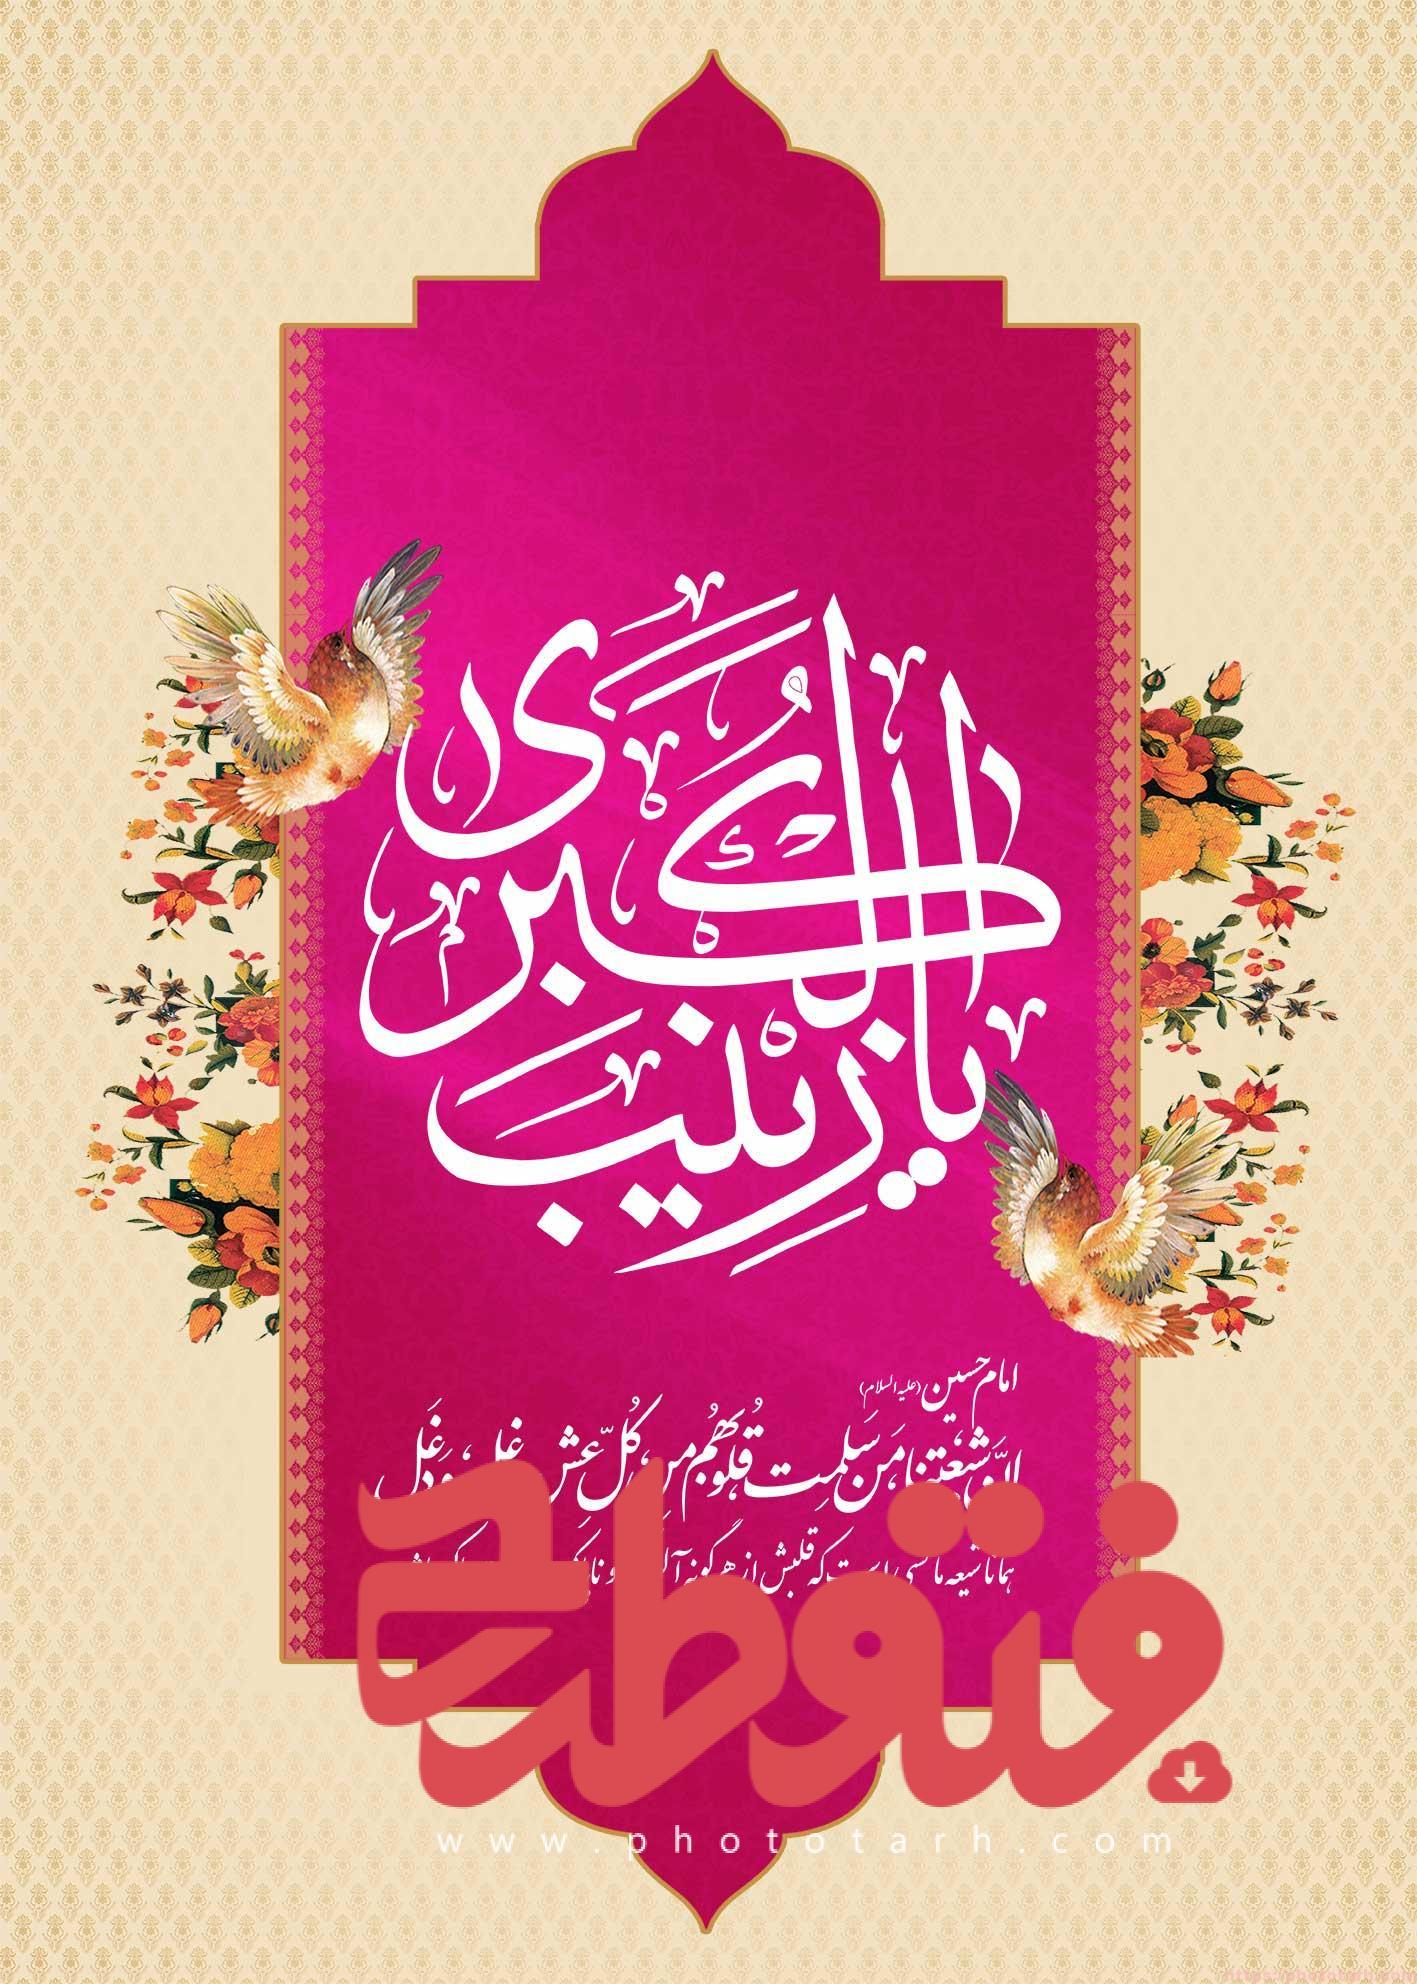 25 - طرح لایه باز ولادت حضرت زینب(س)